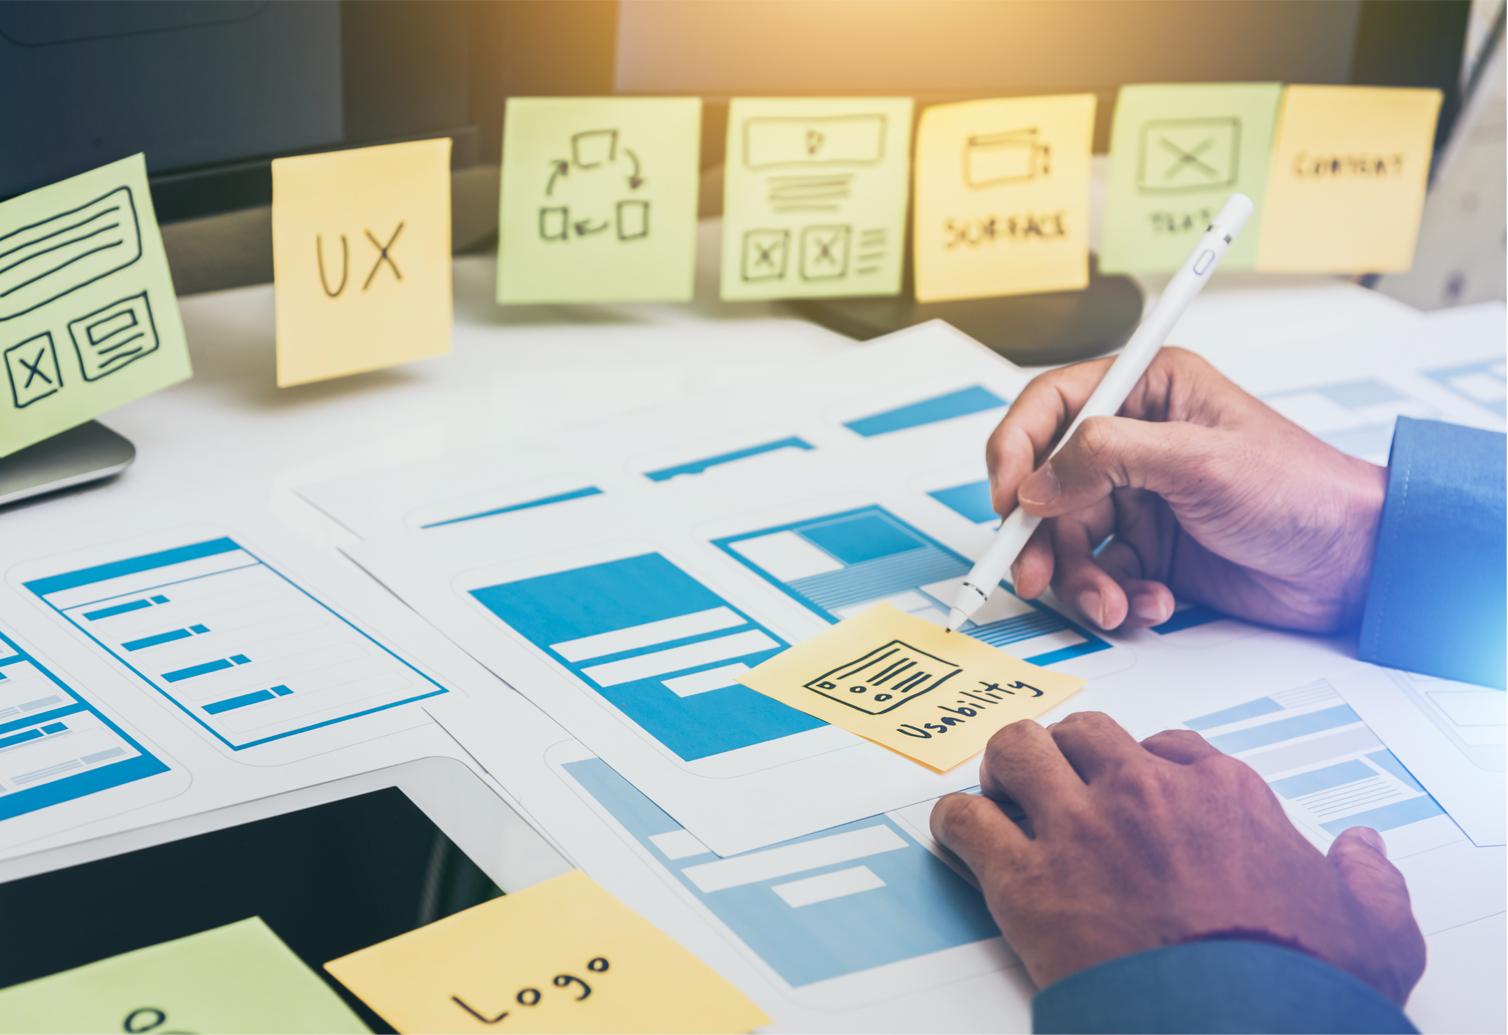 Pessoa realizando o trabalho e a cultura de UX com wireframe e post it